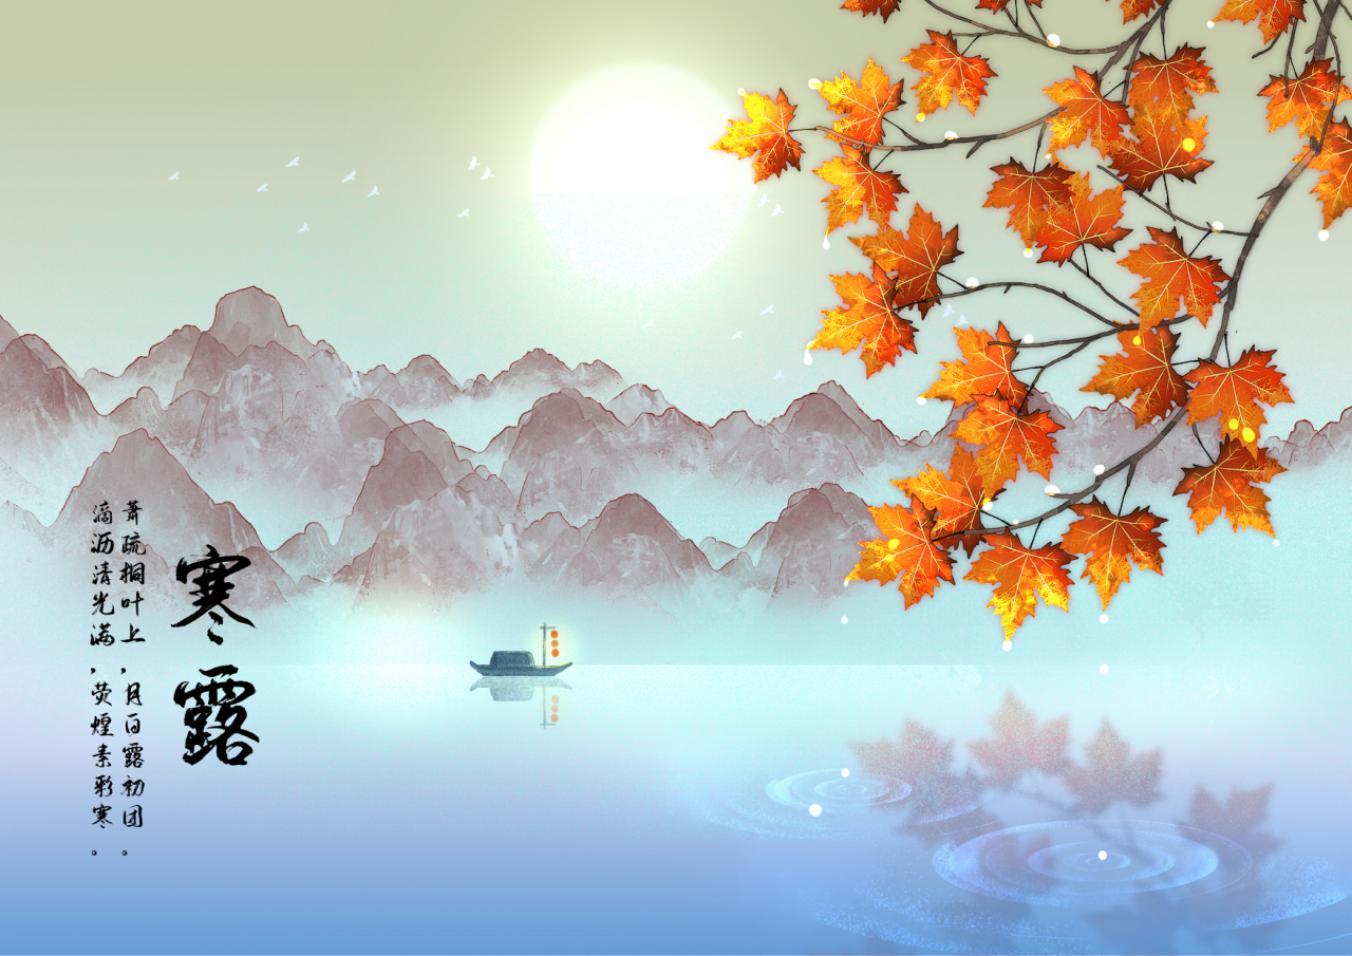 摄图网_401799156_寒露古风诗词插画(非企业商用)